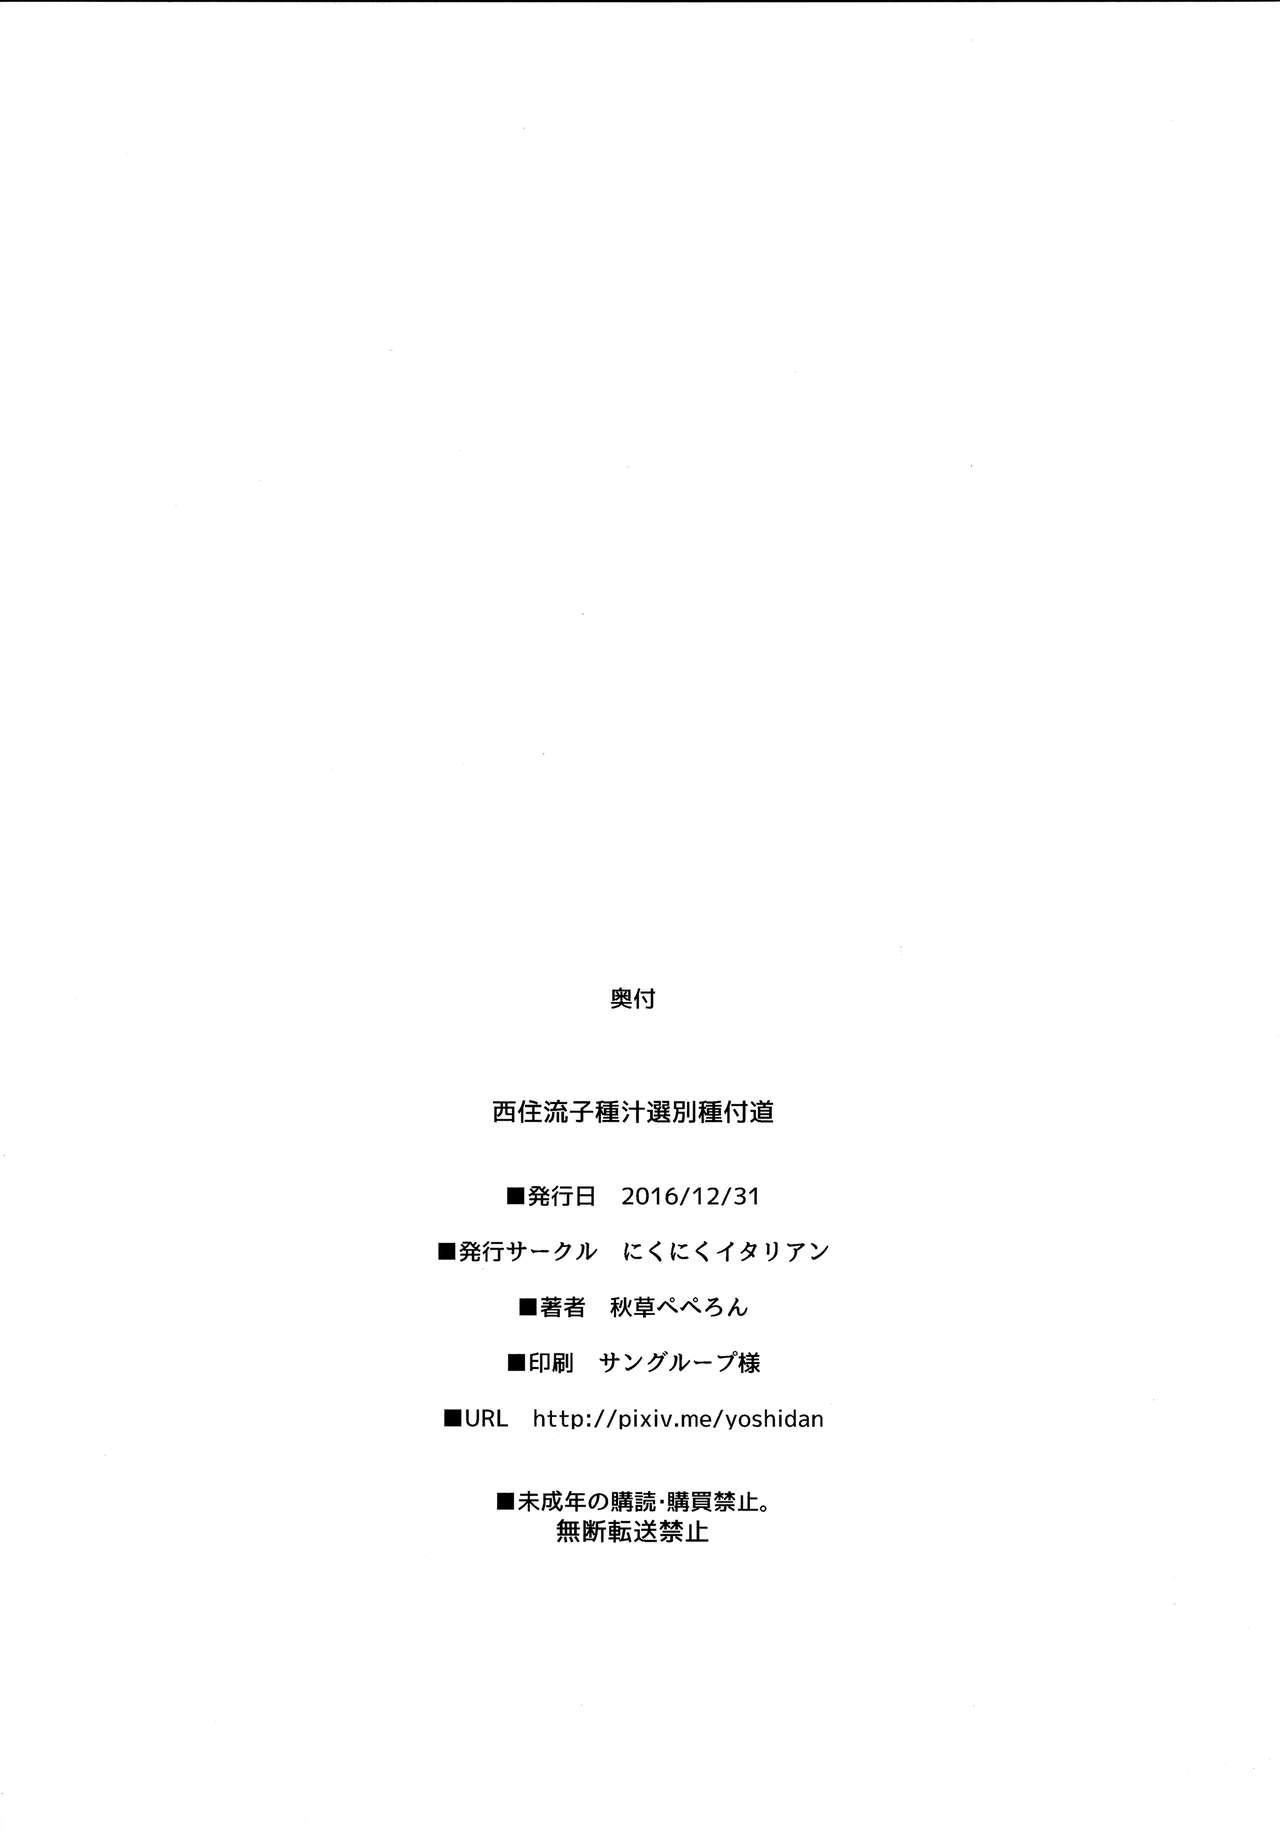 Nishizumi-ryuu Kodanejiru Senbetsu Tanetsukedou 20